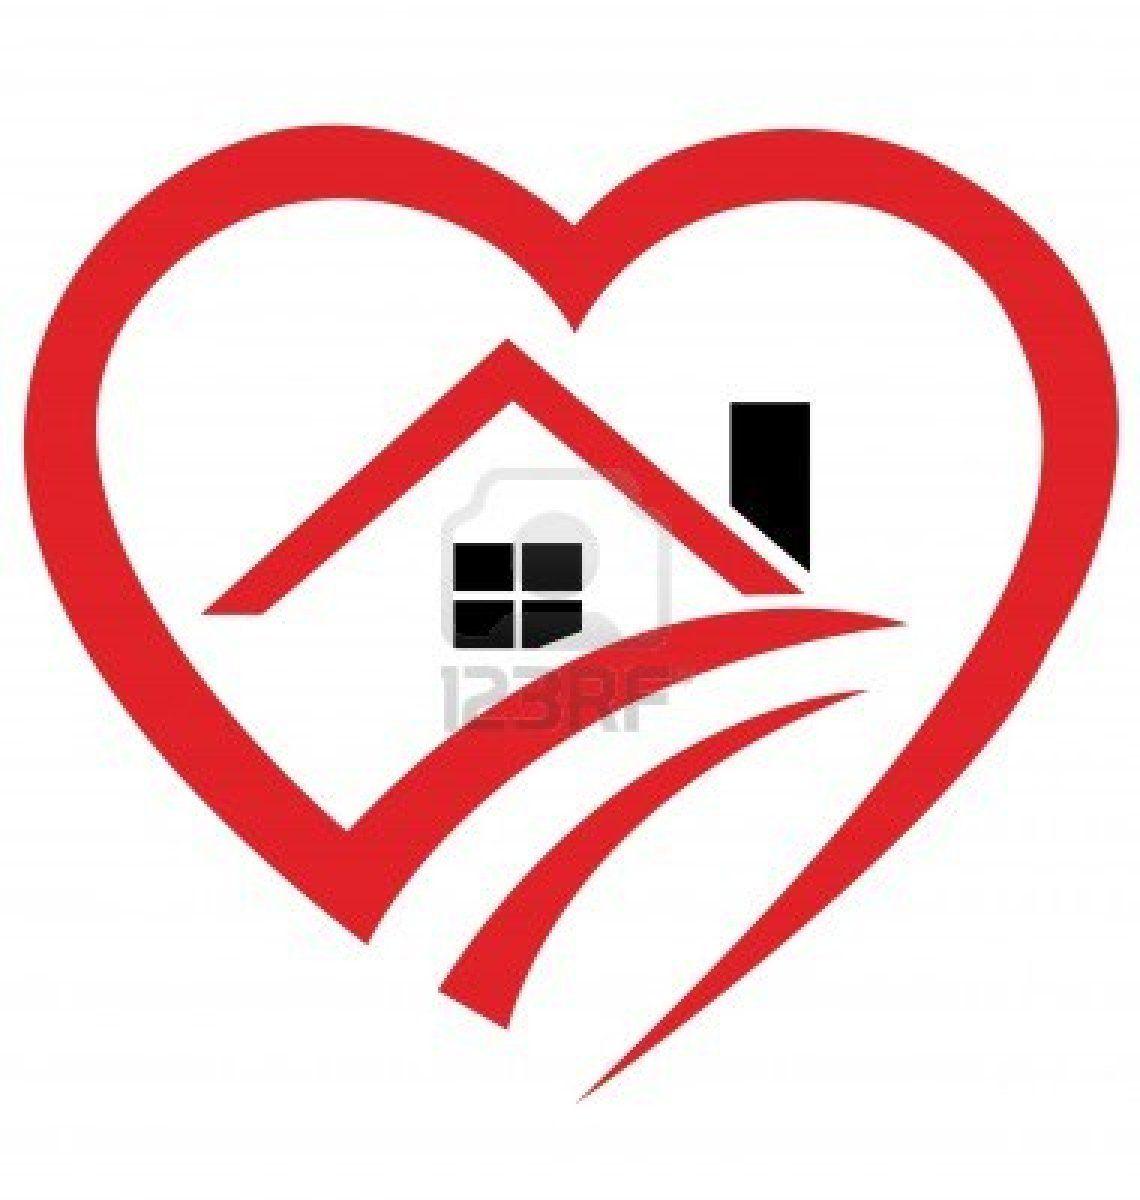 House Heart Logo Stock Photo 14161518 Hearts